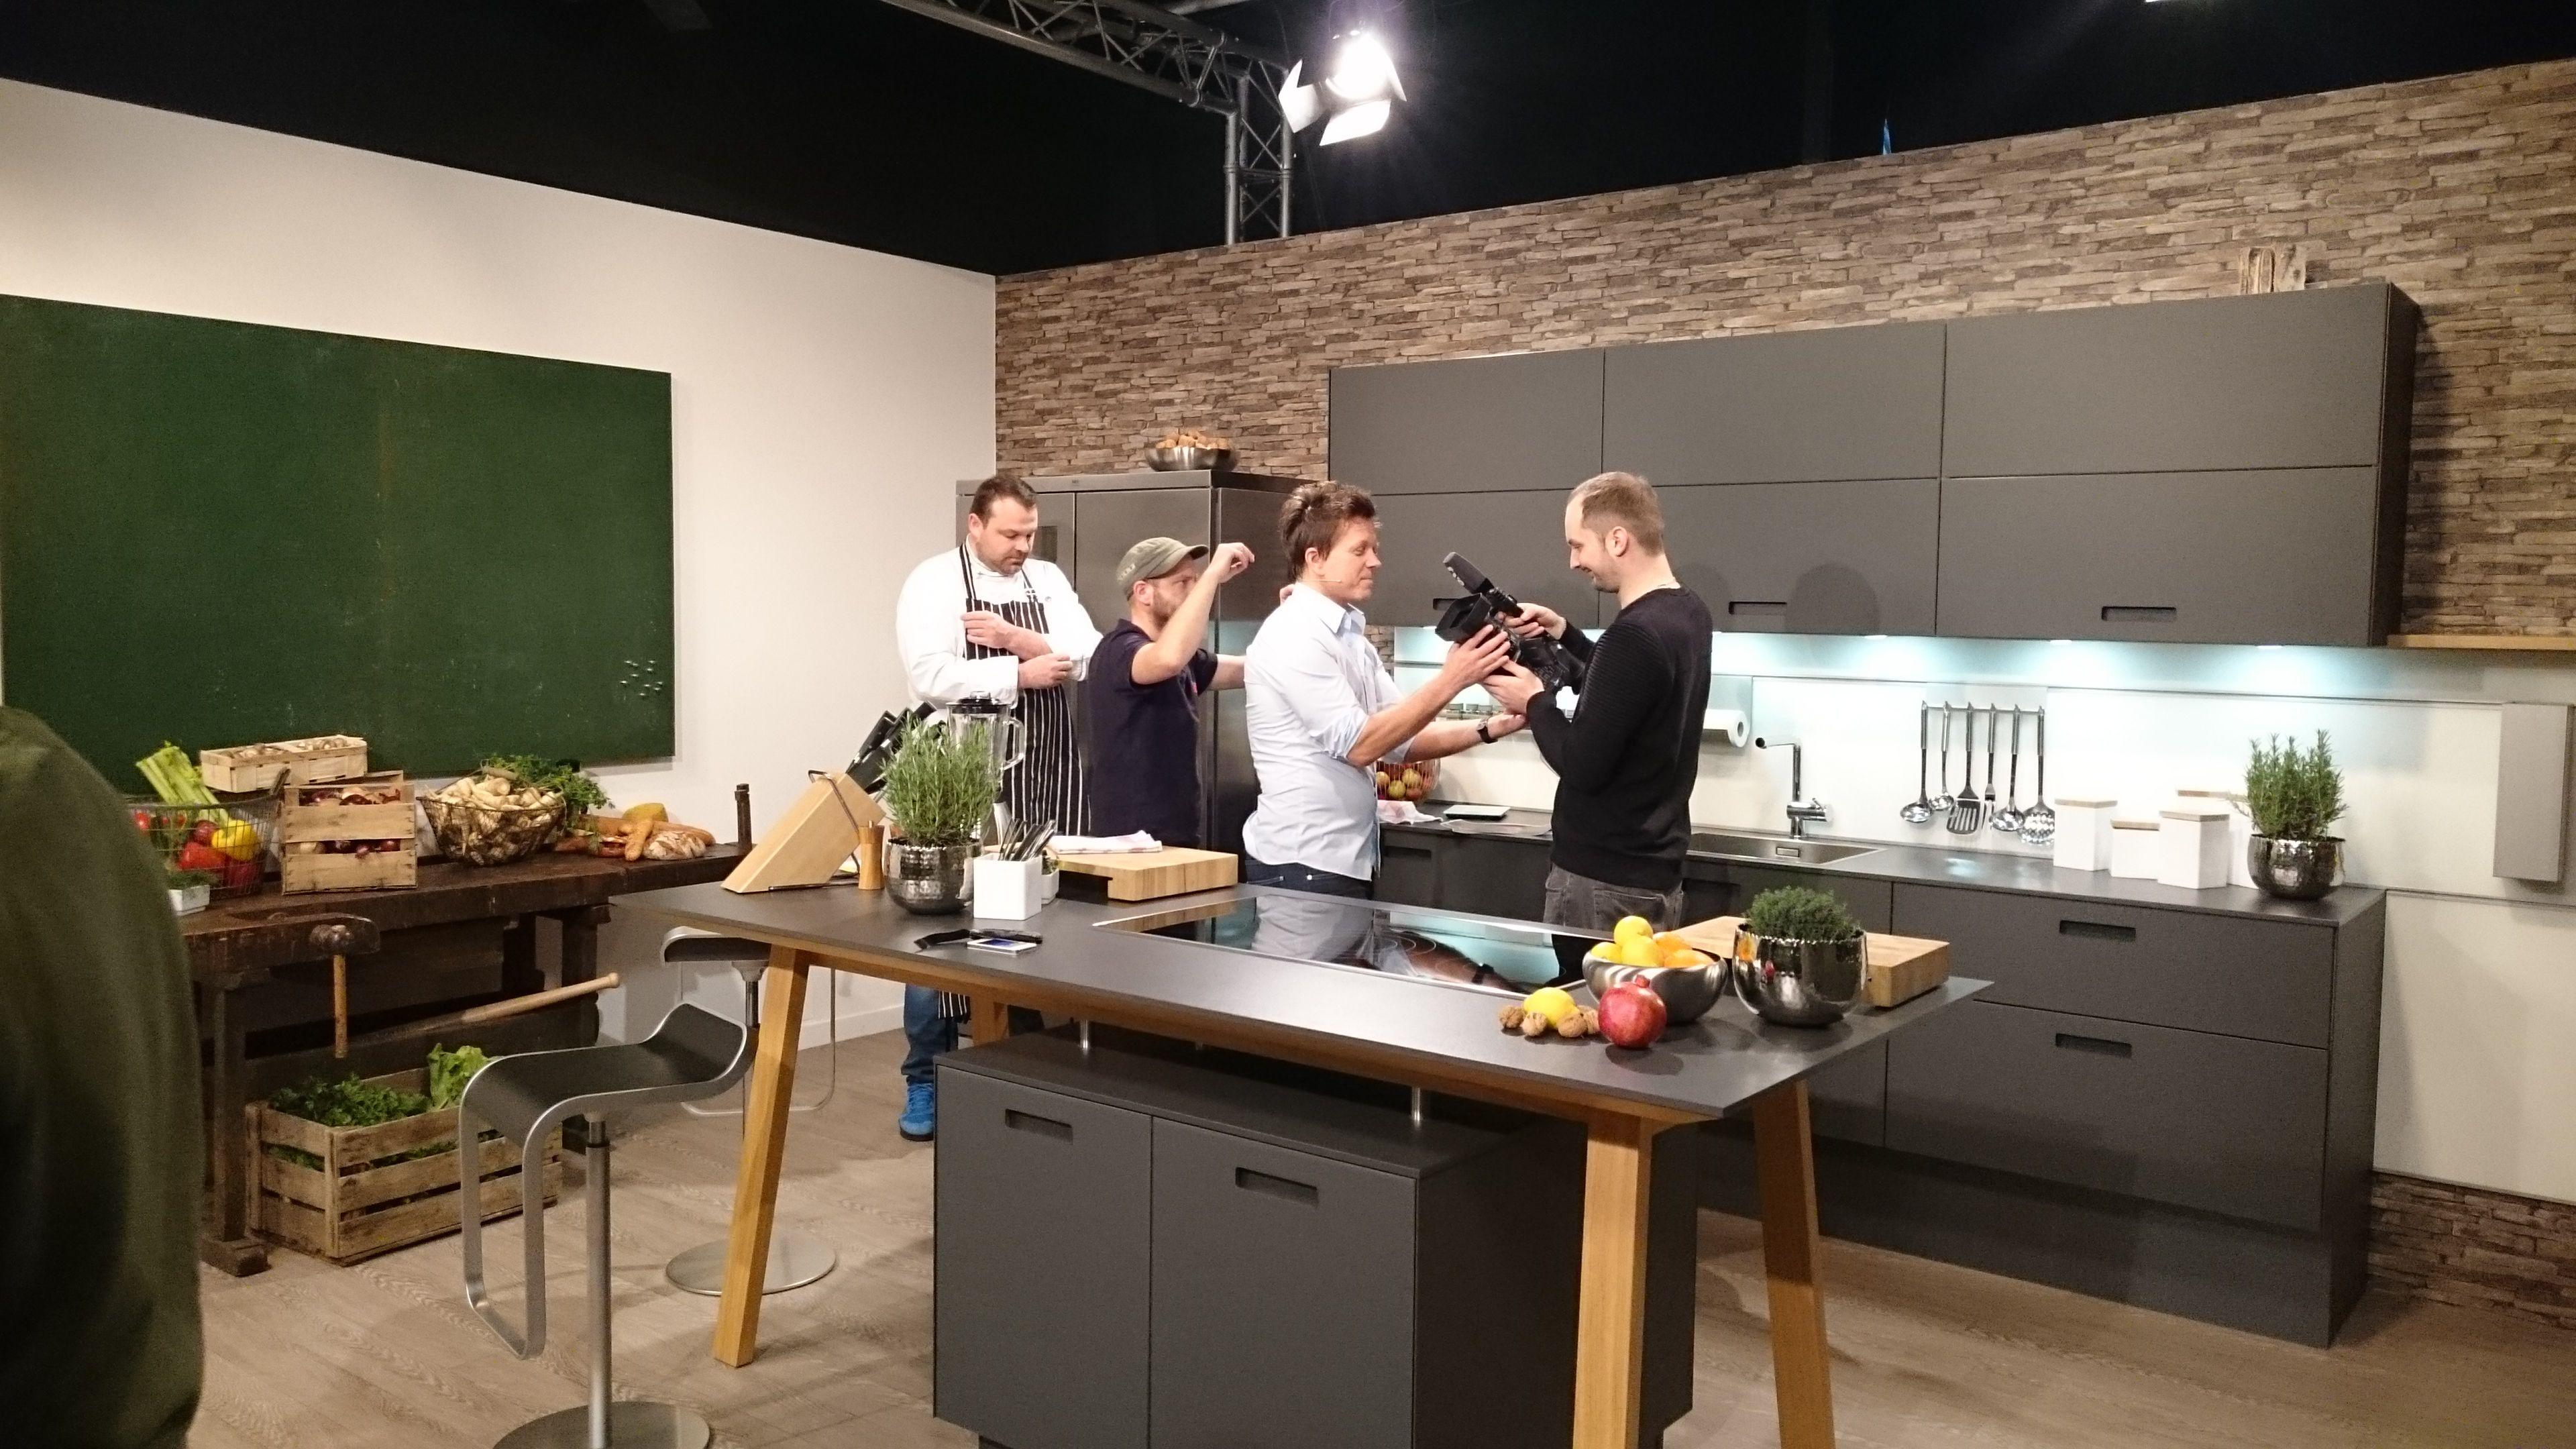 Fantastisch Die Küche Kochshow Bilder - Ideen Für Die Küche ...